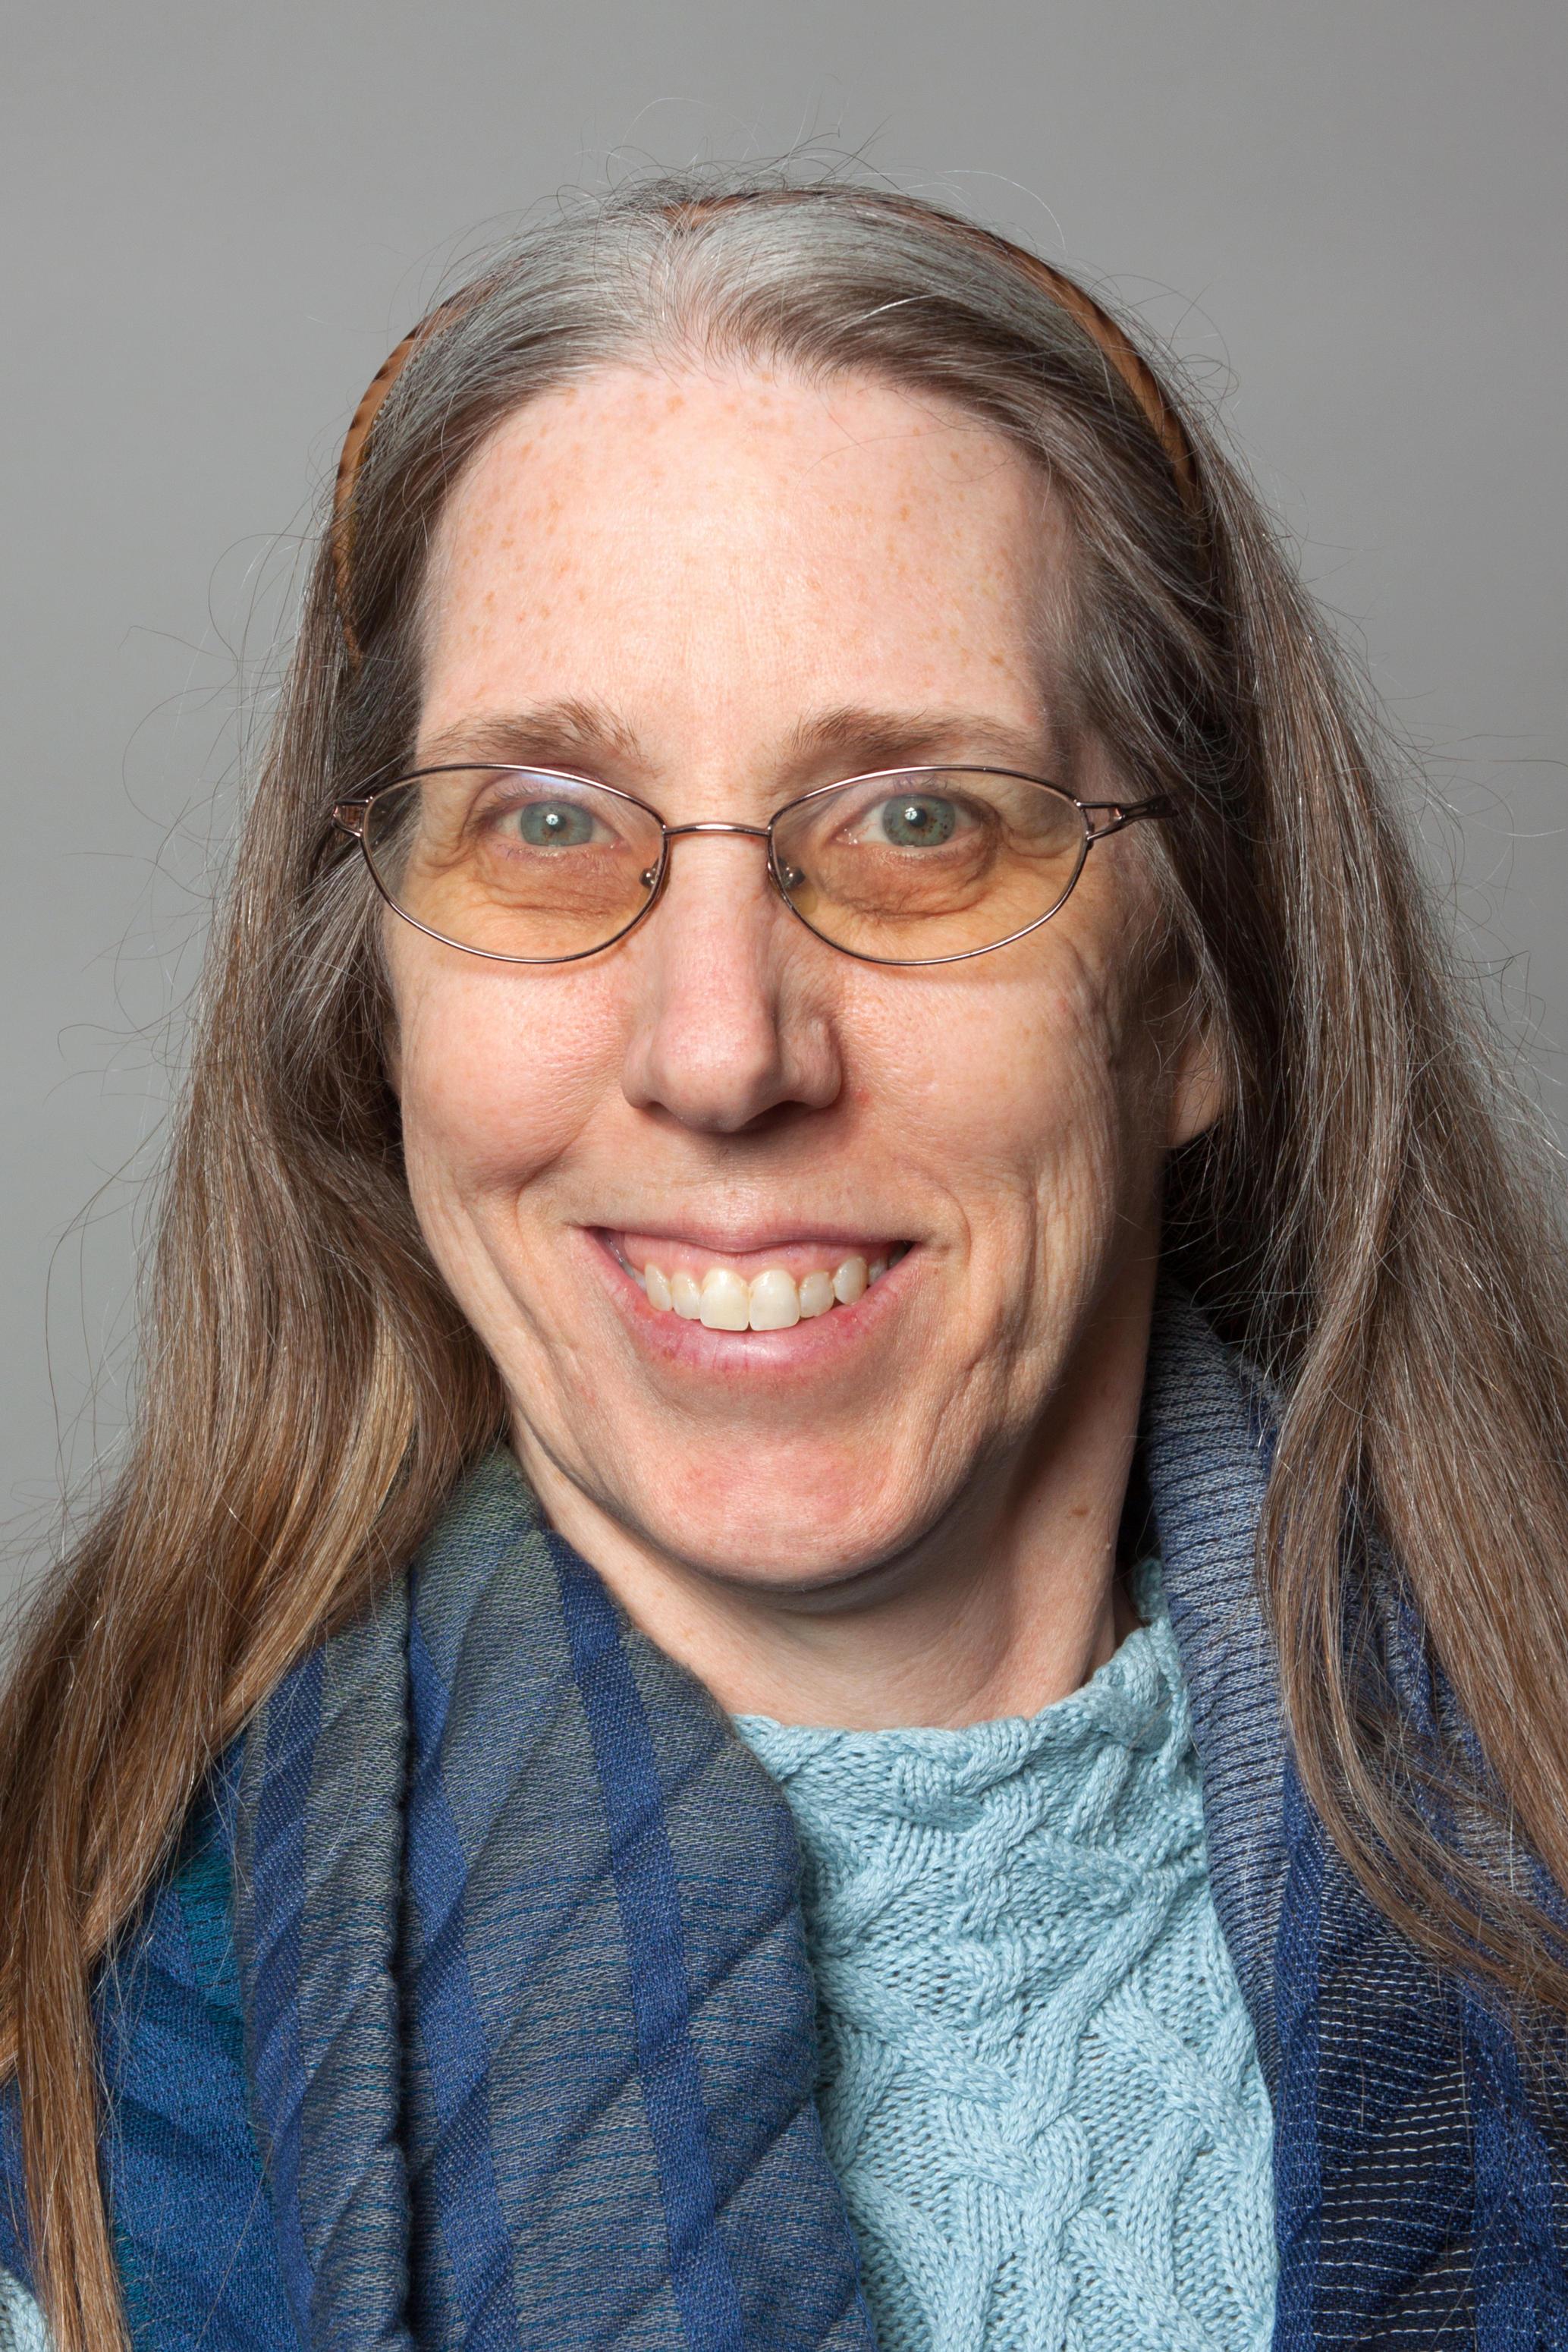 Paula Rineer